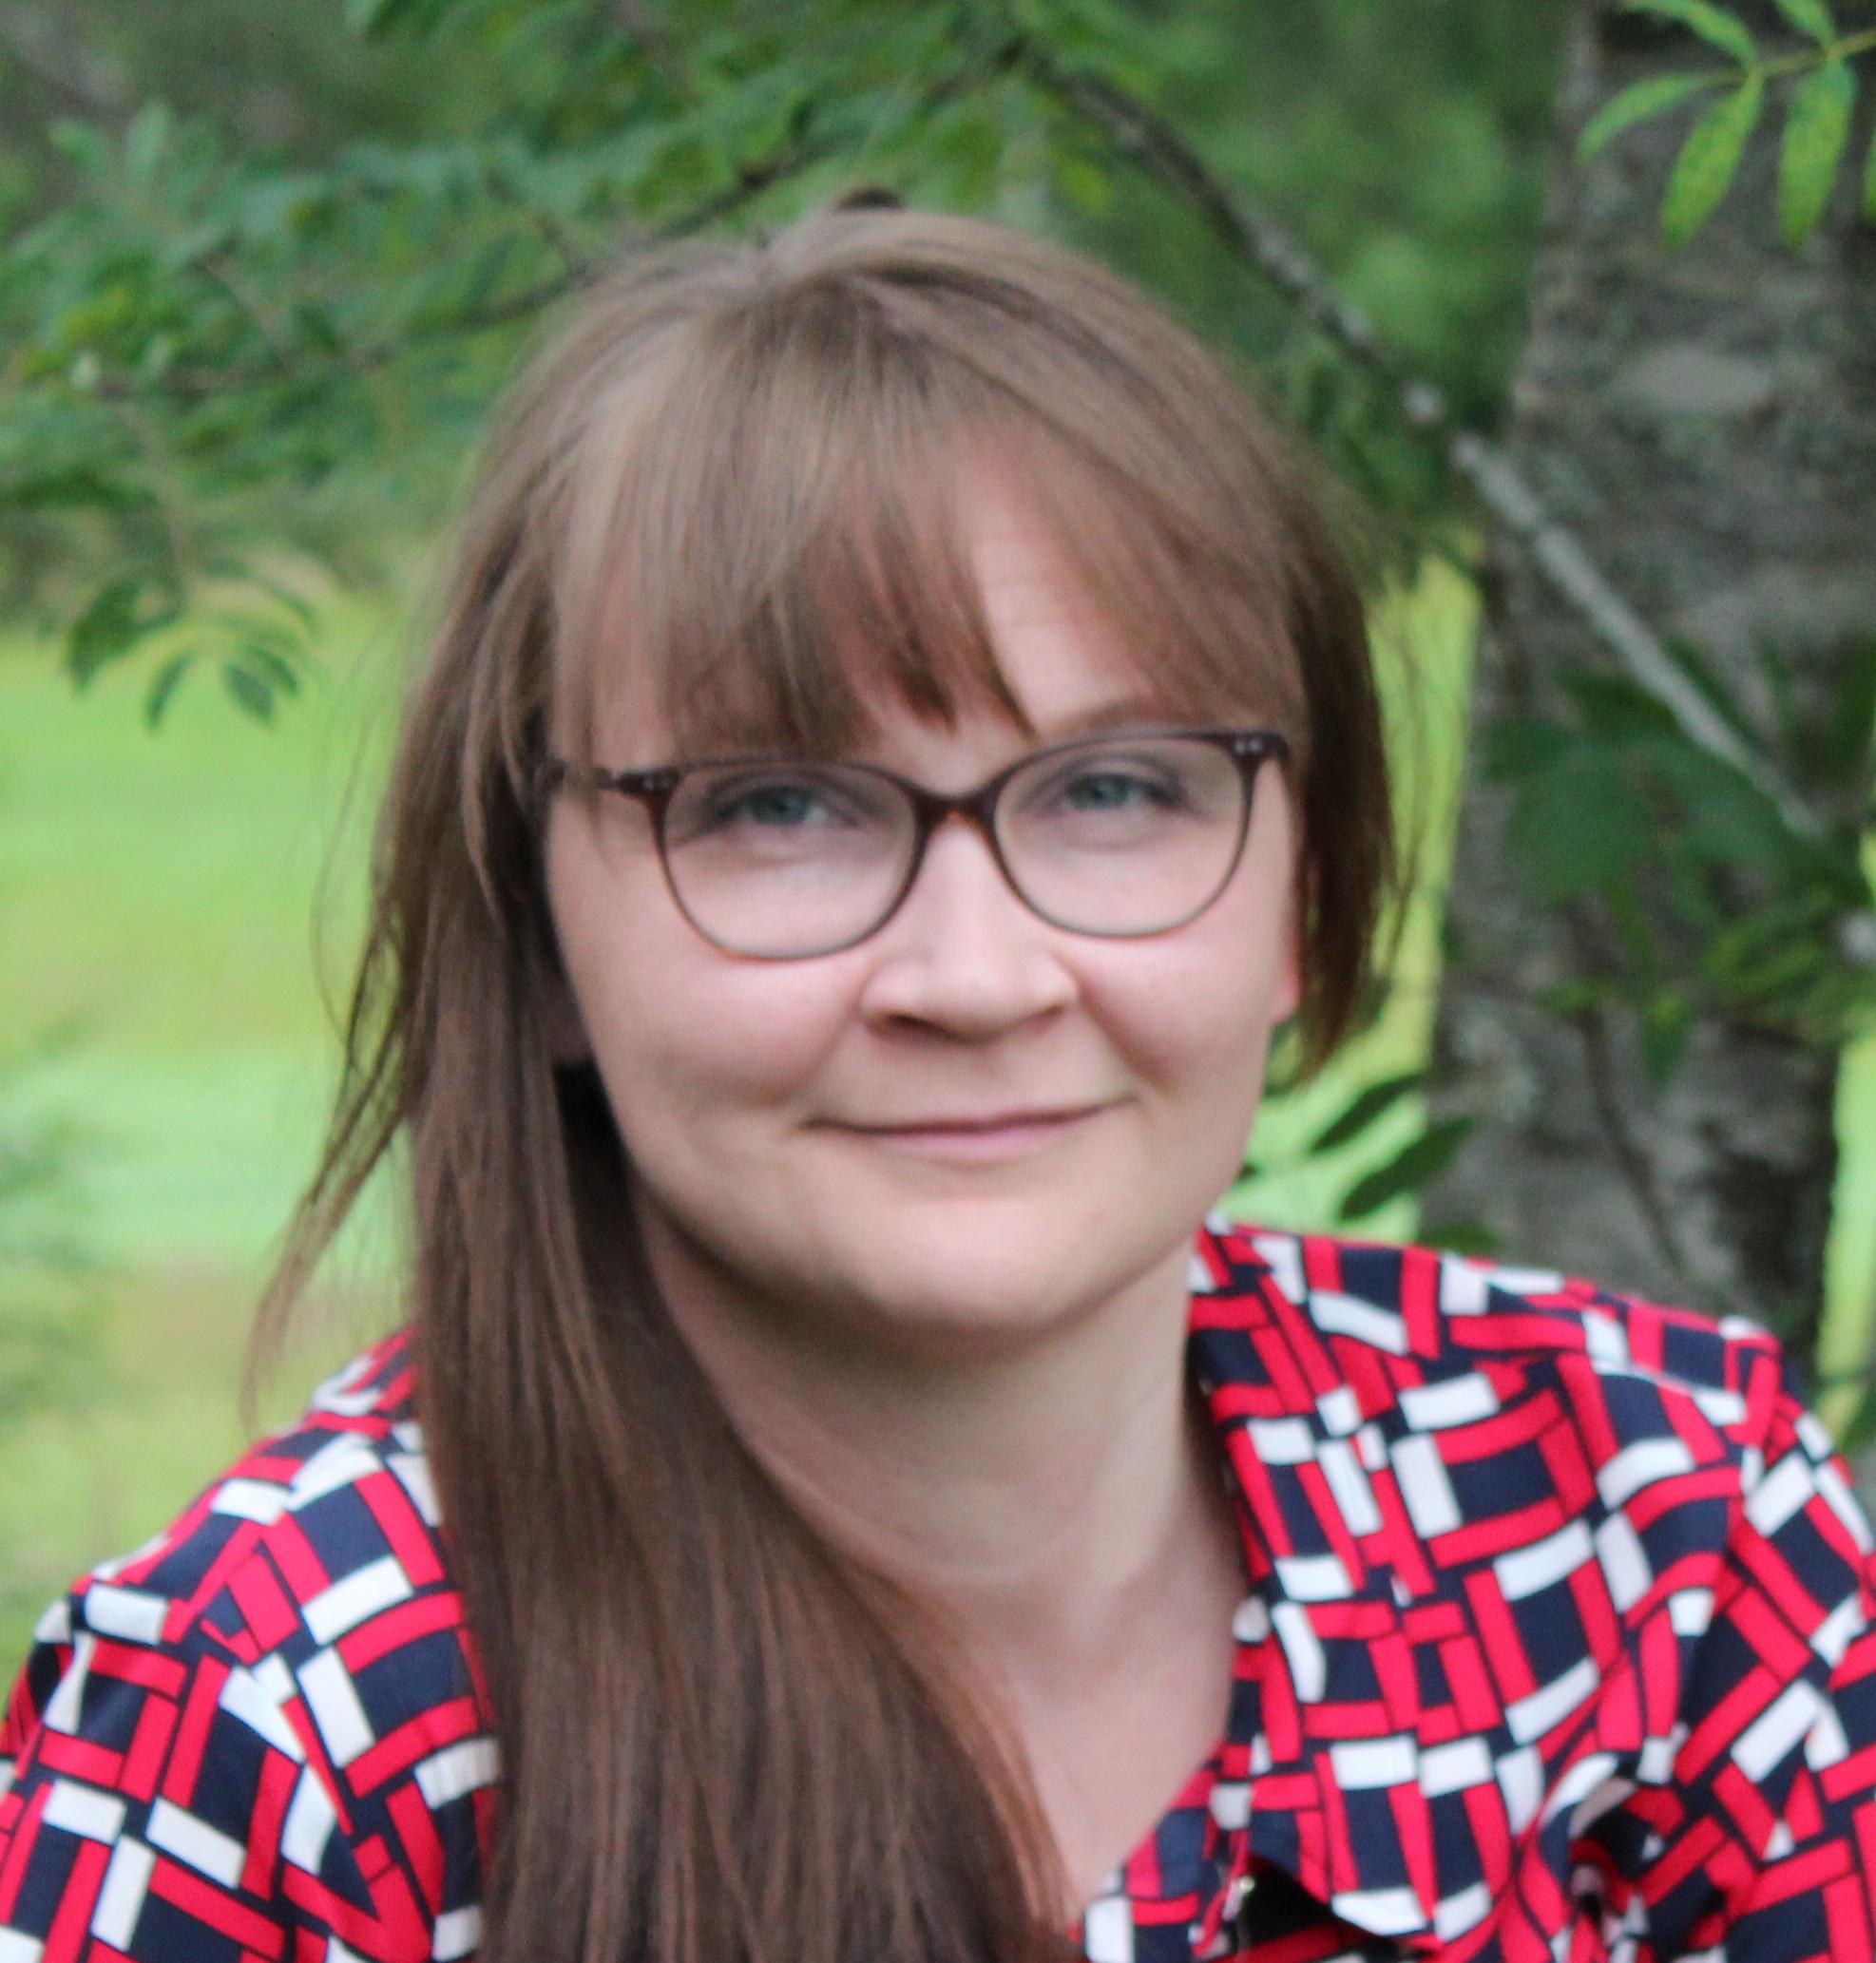 Anna-Mari Teivaanmäki